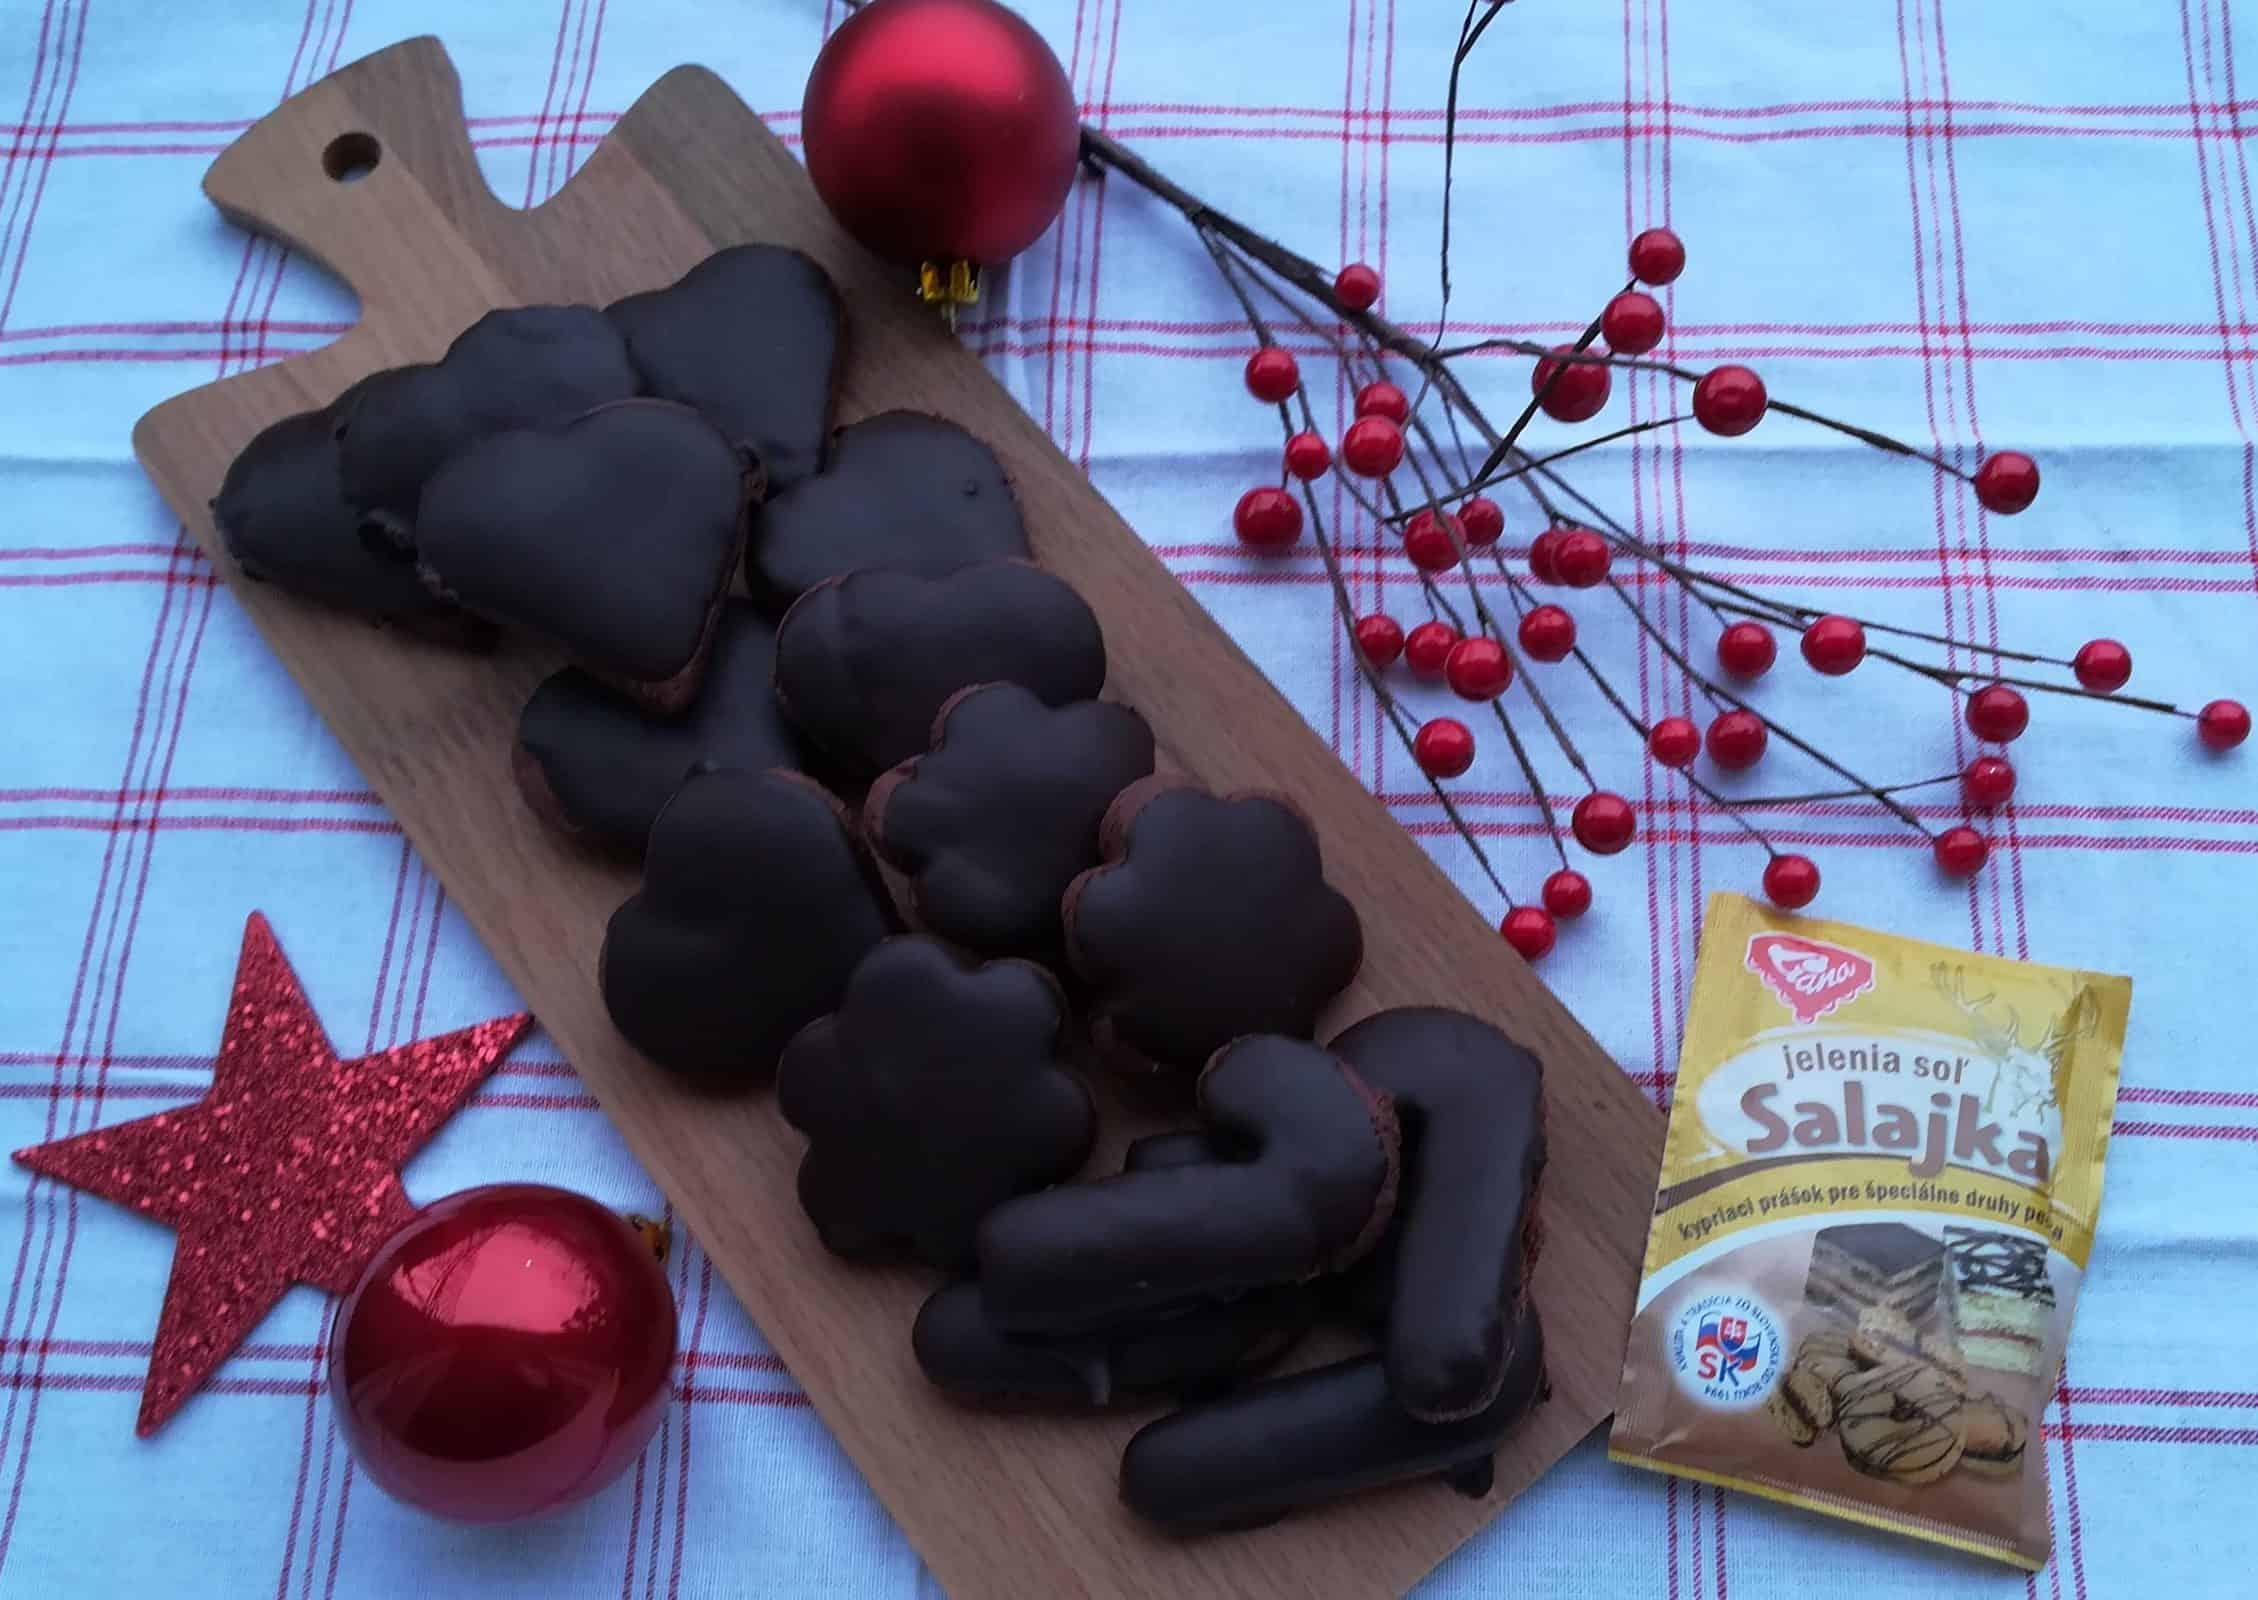 Čokoládové perníčky z jeleniej soli